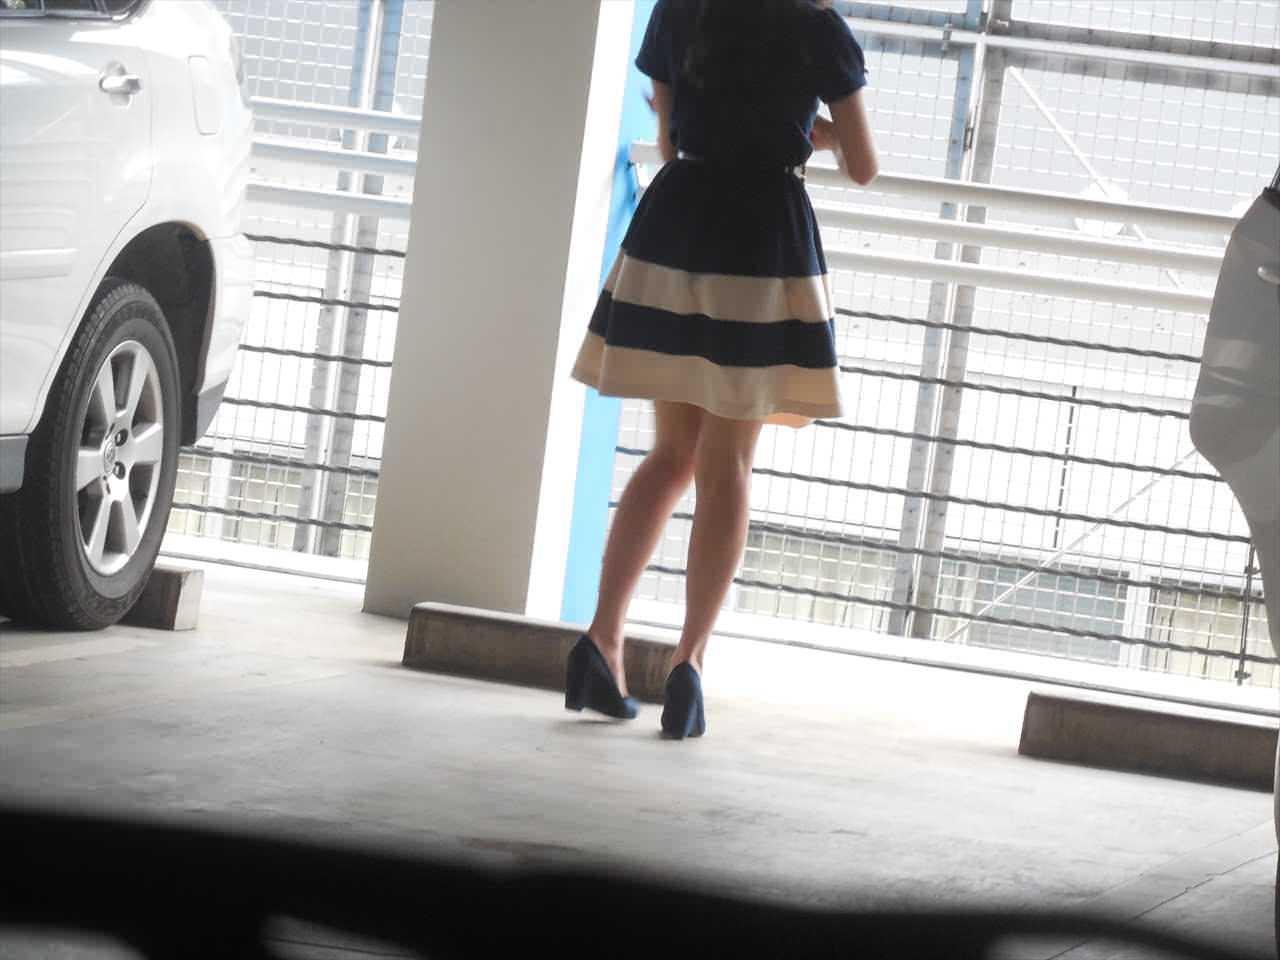 急に飛び込んでくる街中で見る美脚女子のエロ画像33枚・14枚目の画像